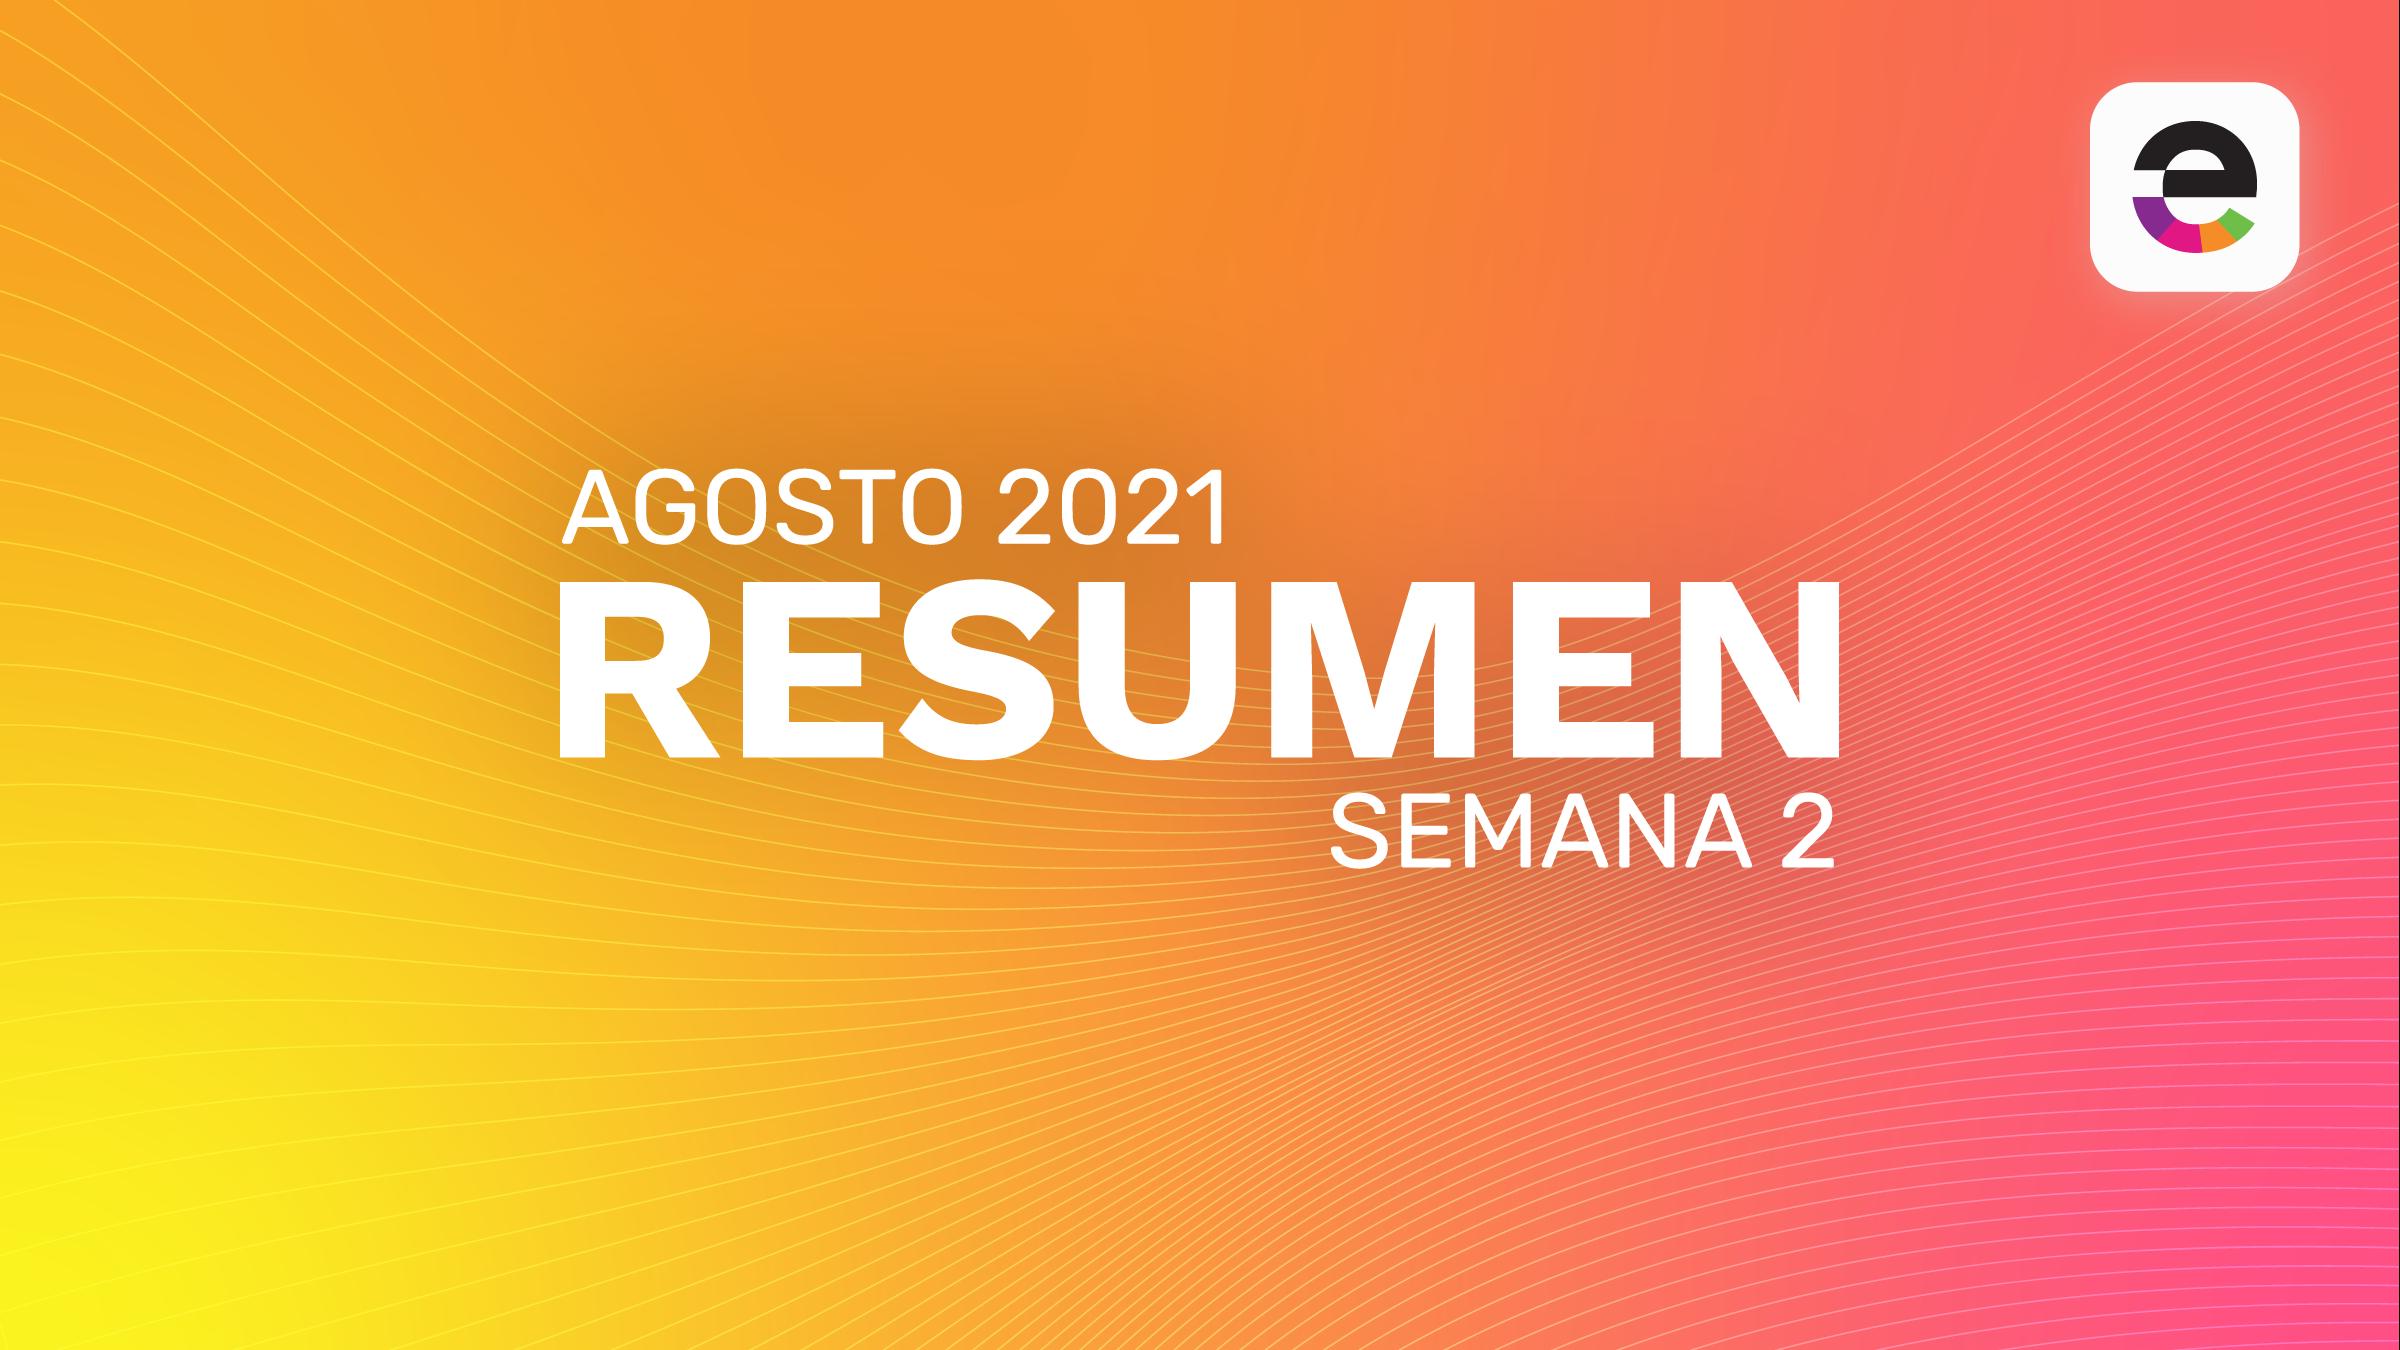 Resumen Agosto 2021: Semana 2